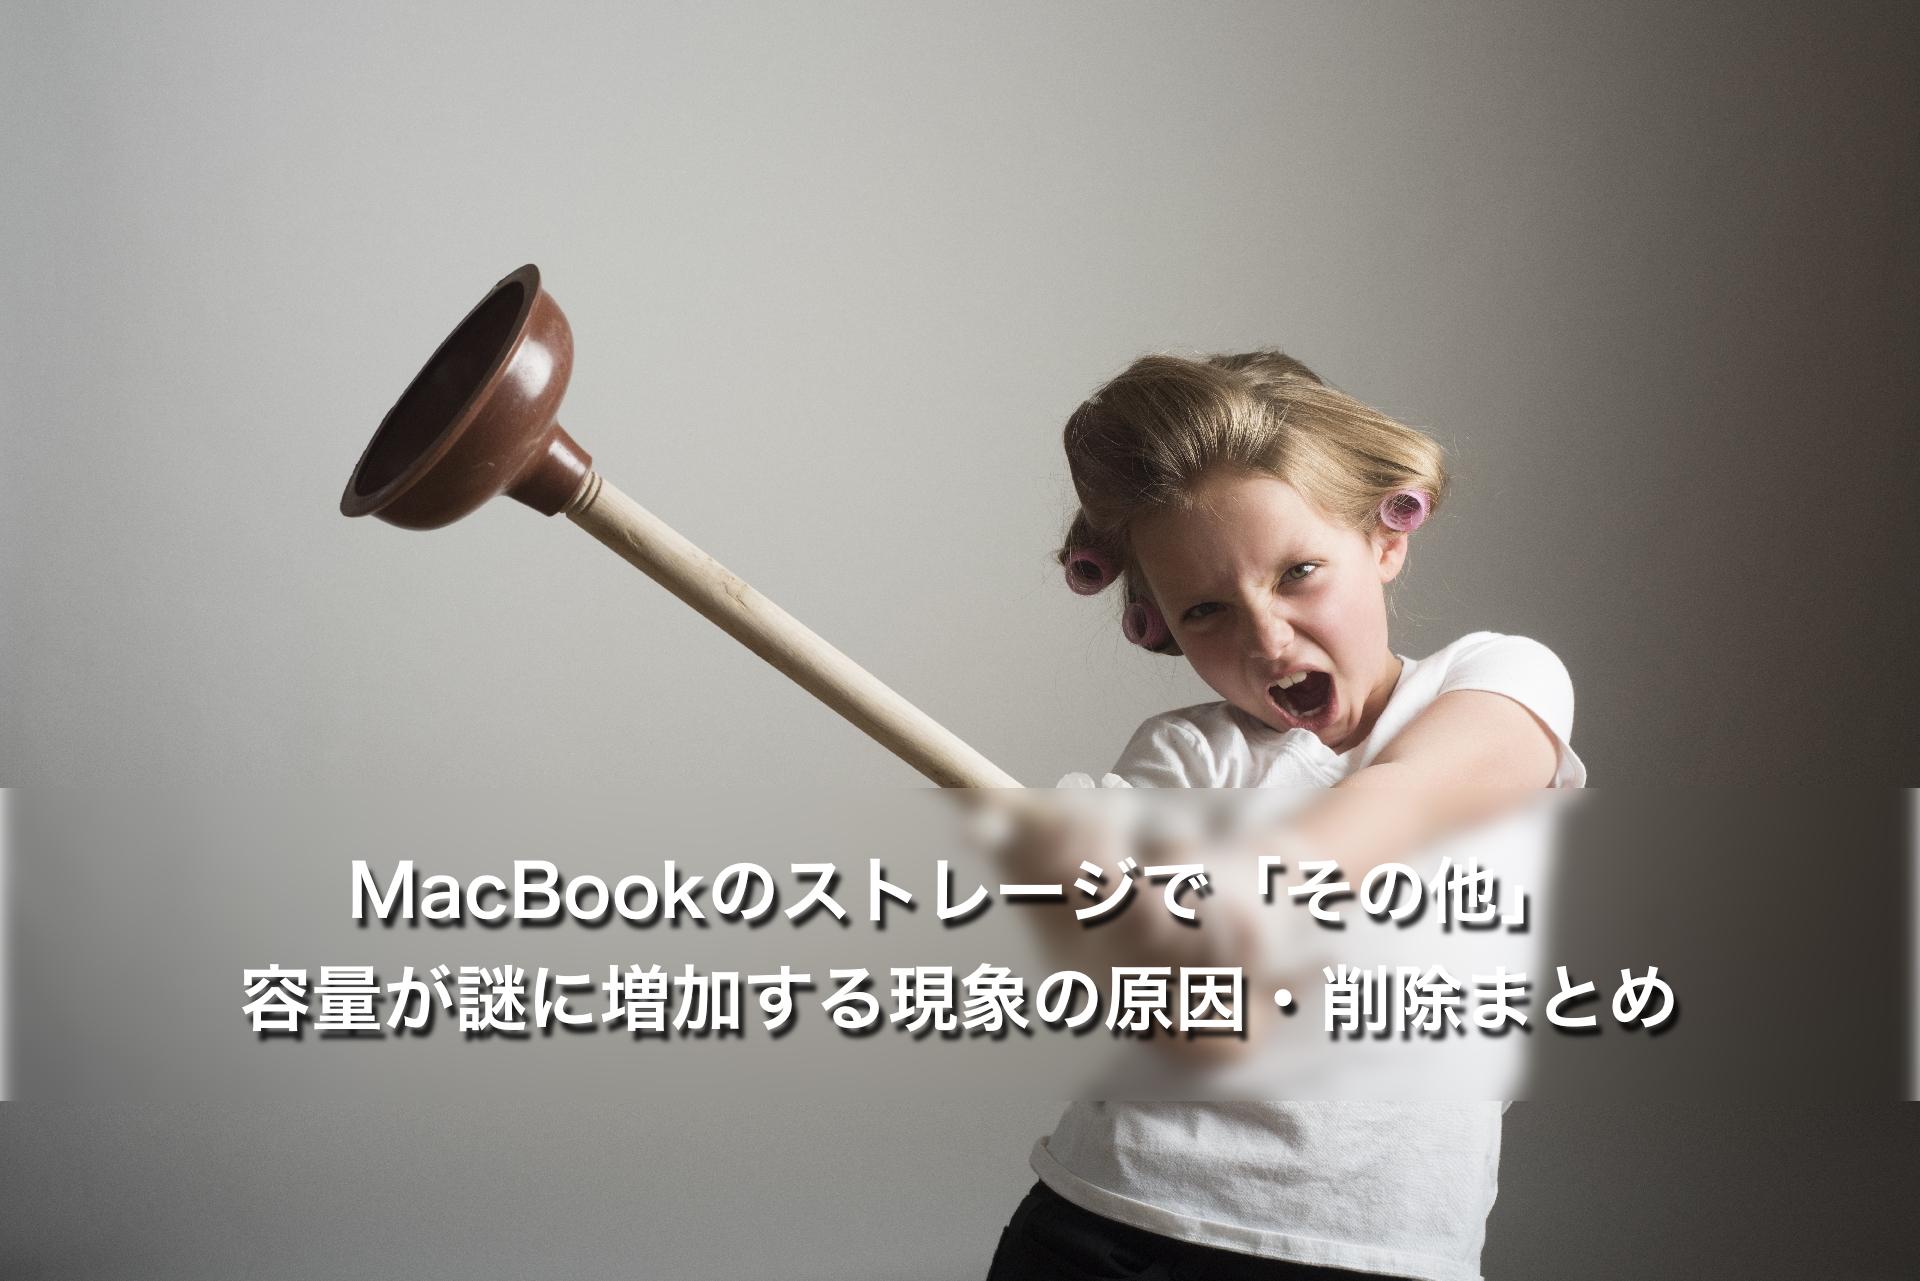 MacBookのストレージで「その他」容量が謎に増加する現象の原因・削除まとめ